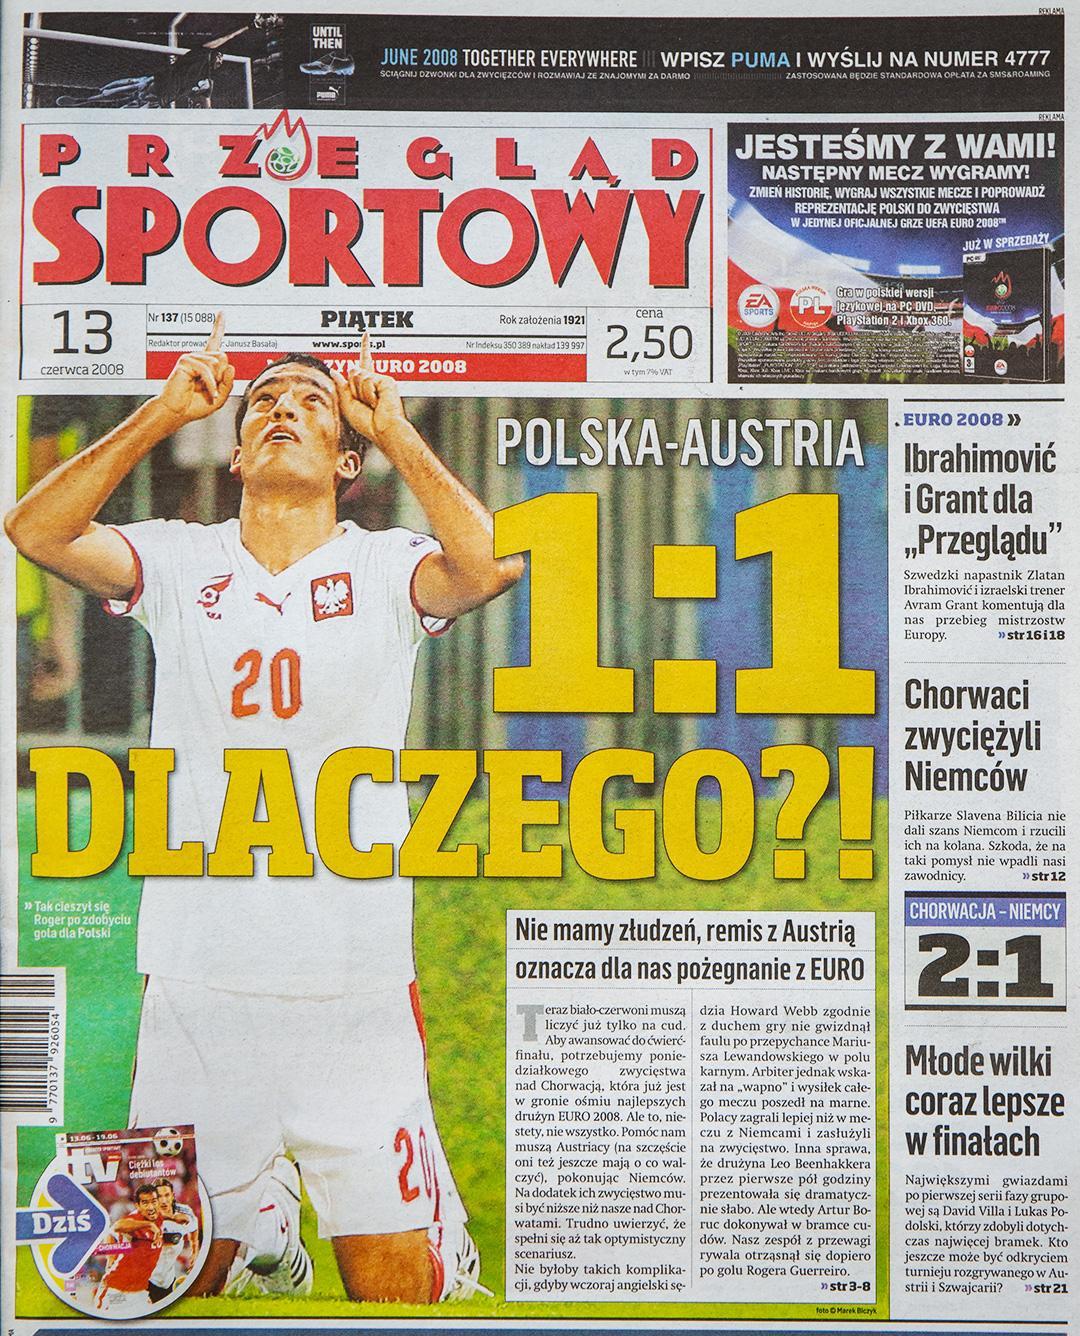 Okładka przeglądu sportowego po meczu Austria - Polska (12.06.2008)